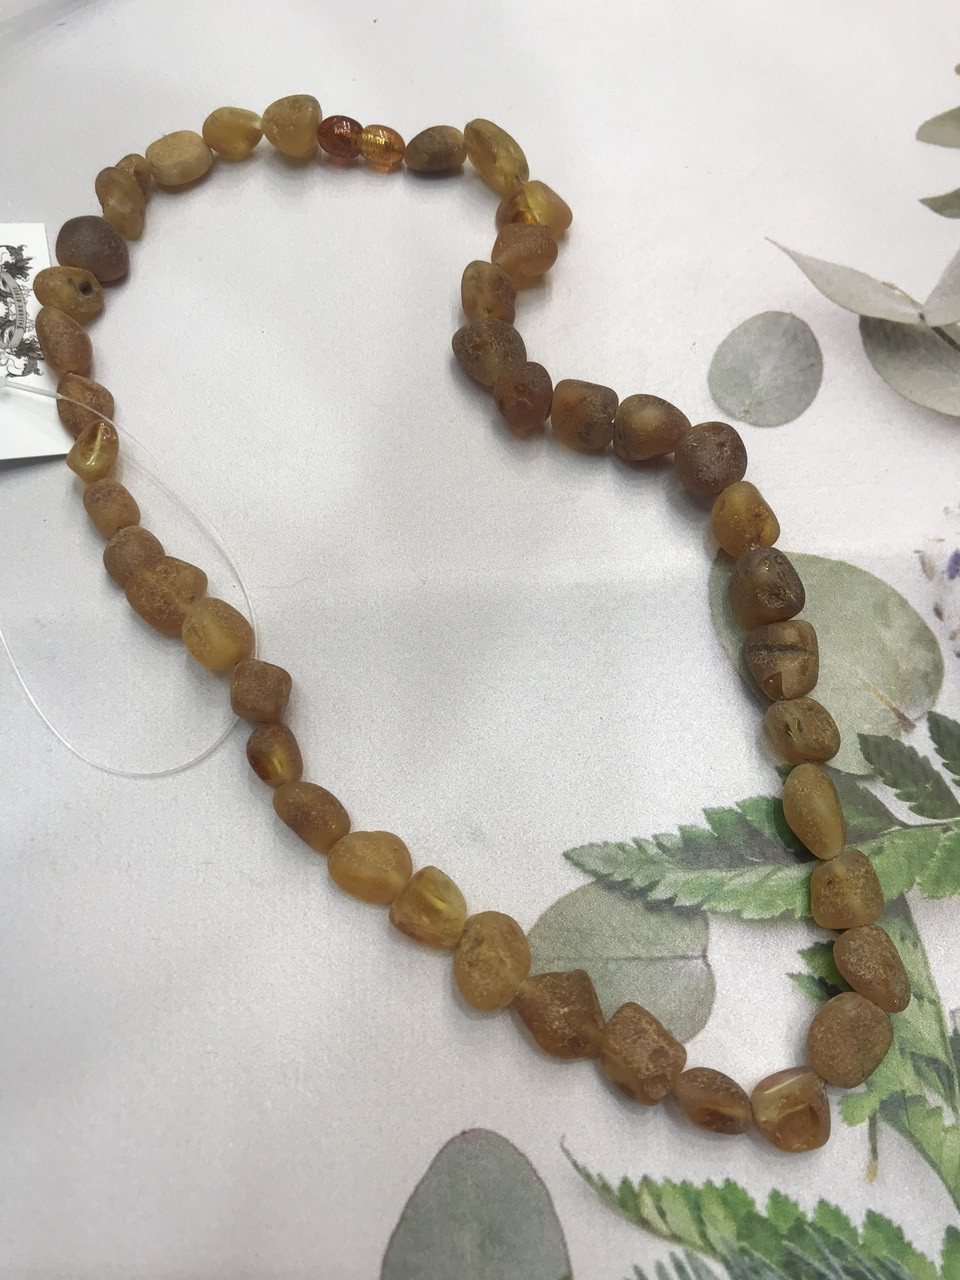 Янтарь натуральный необработанный лечебный янтарные бусы из янтаря янтарные бусы 47 см